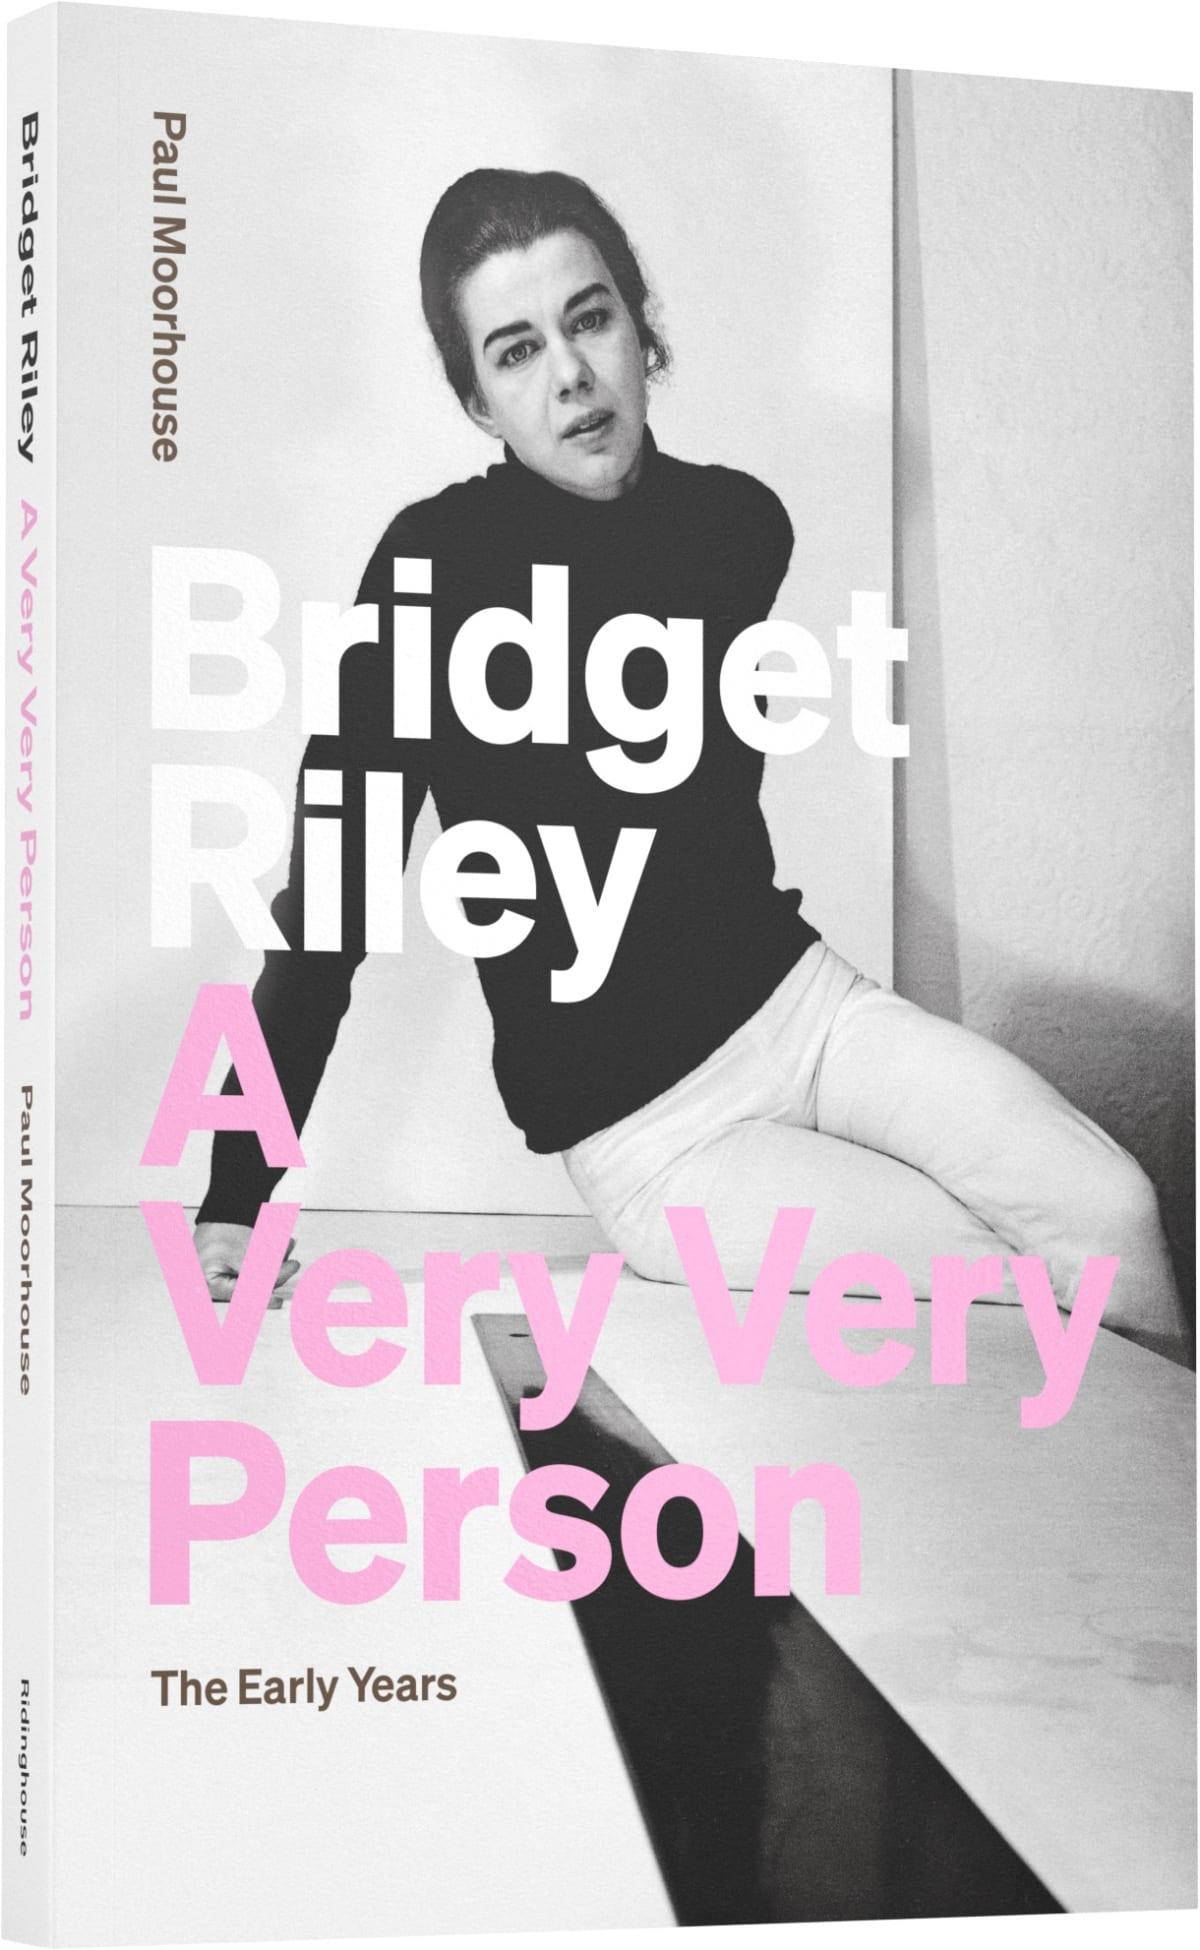 Bridget Riley: A Very Very Person